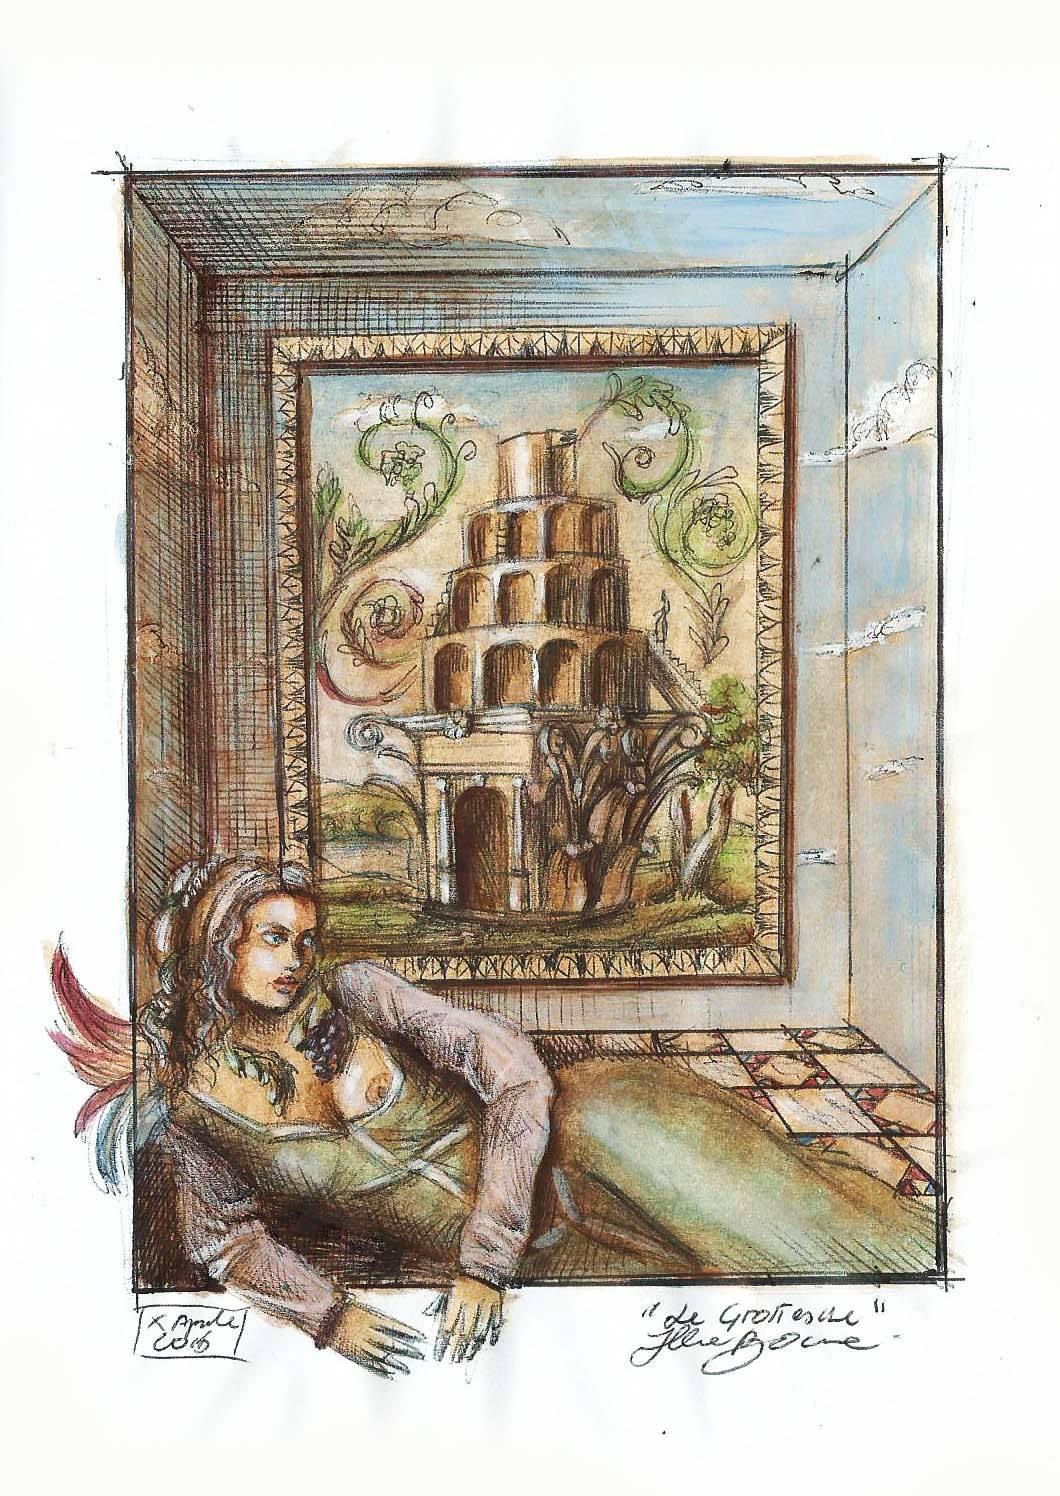 Grottesca, acrilico ed inchiostro su carta, 20.4 X 14 cm (bozzetto per spettacolo teatrale)